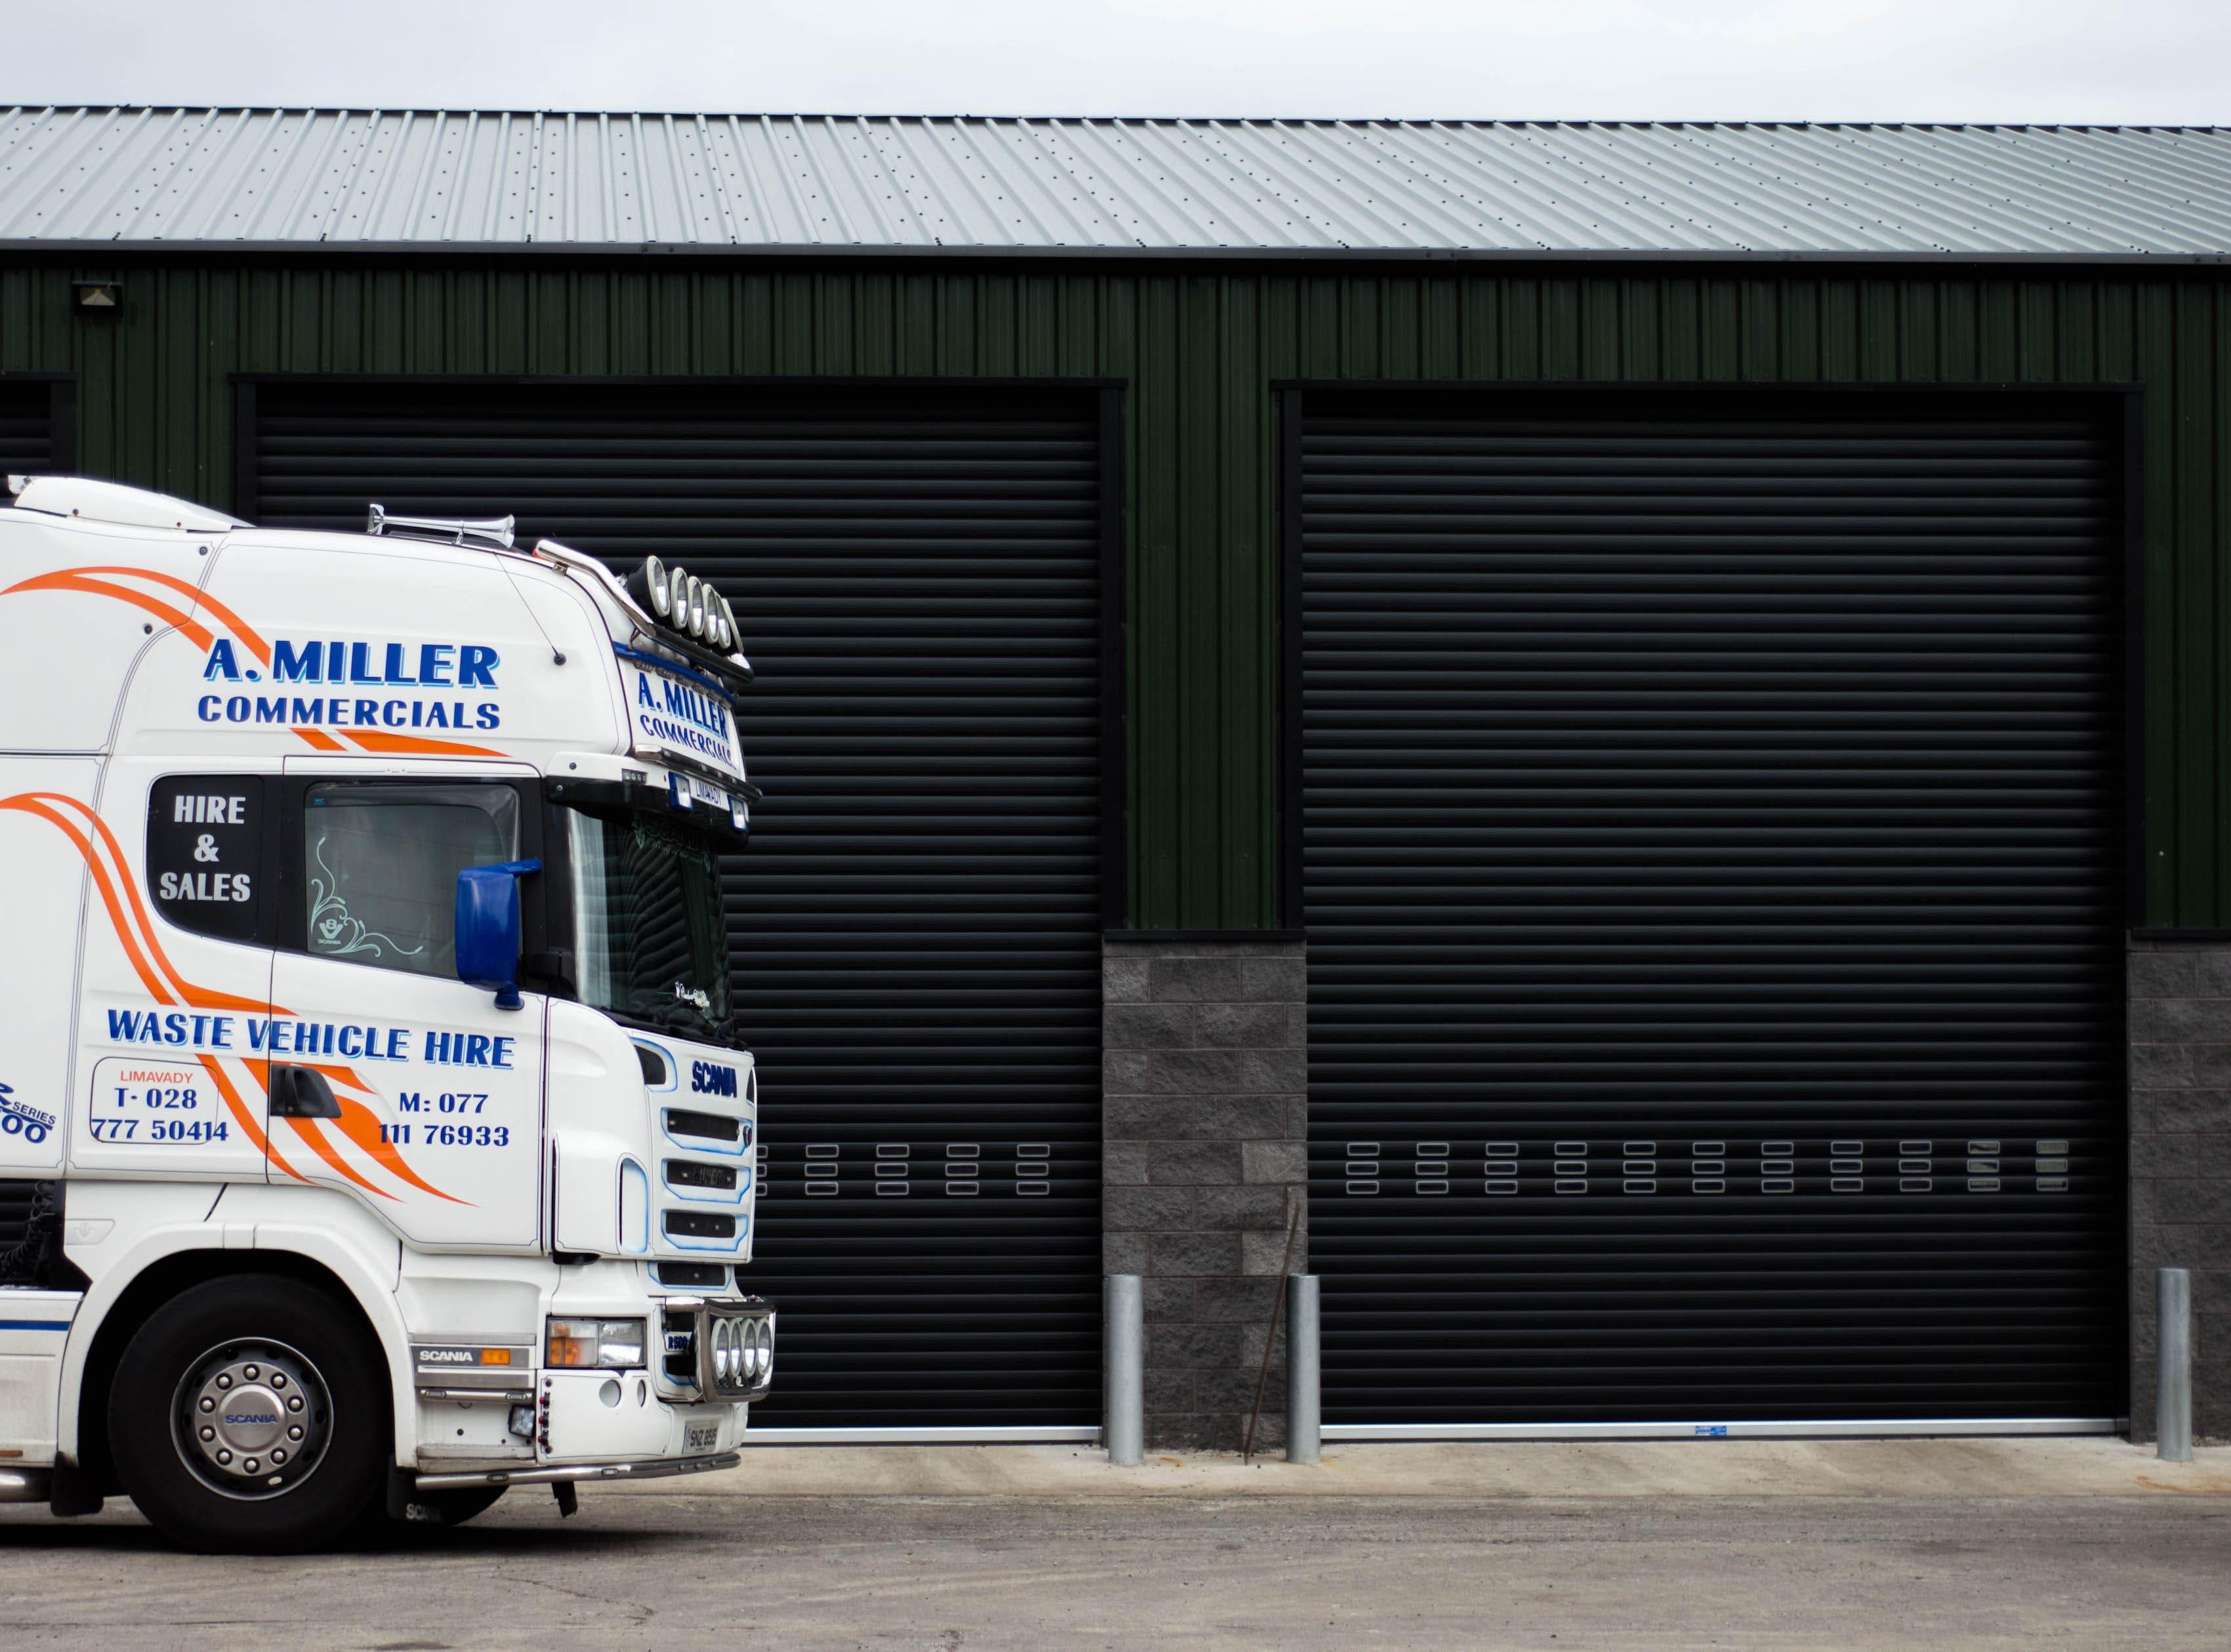 Millar Waste Management Limavady - Insulated Industrial Door LRD03